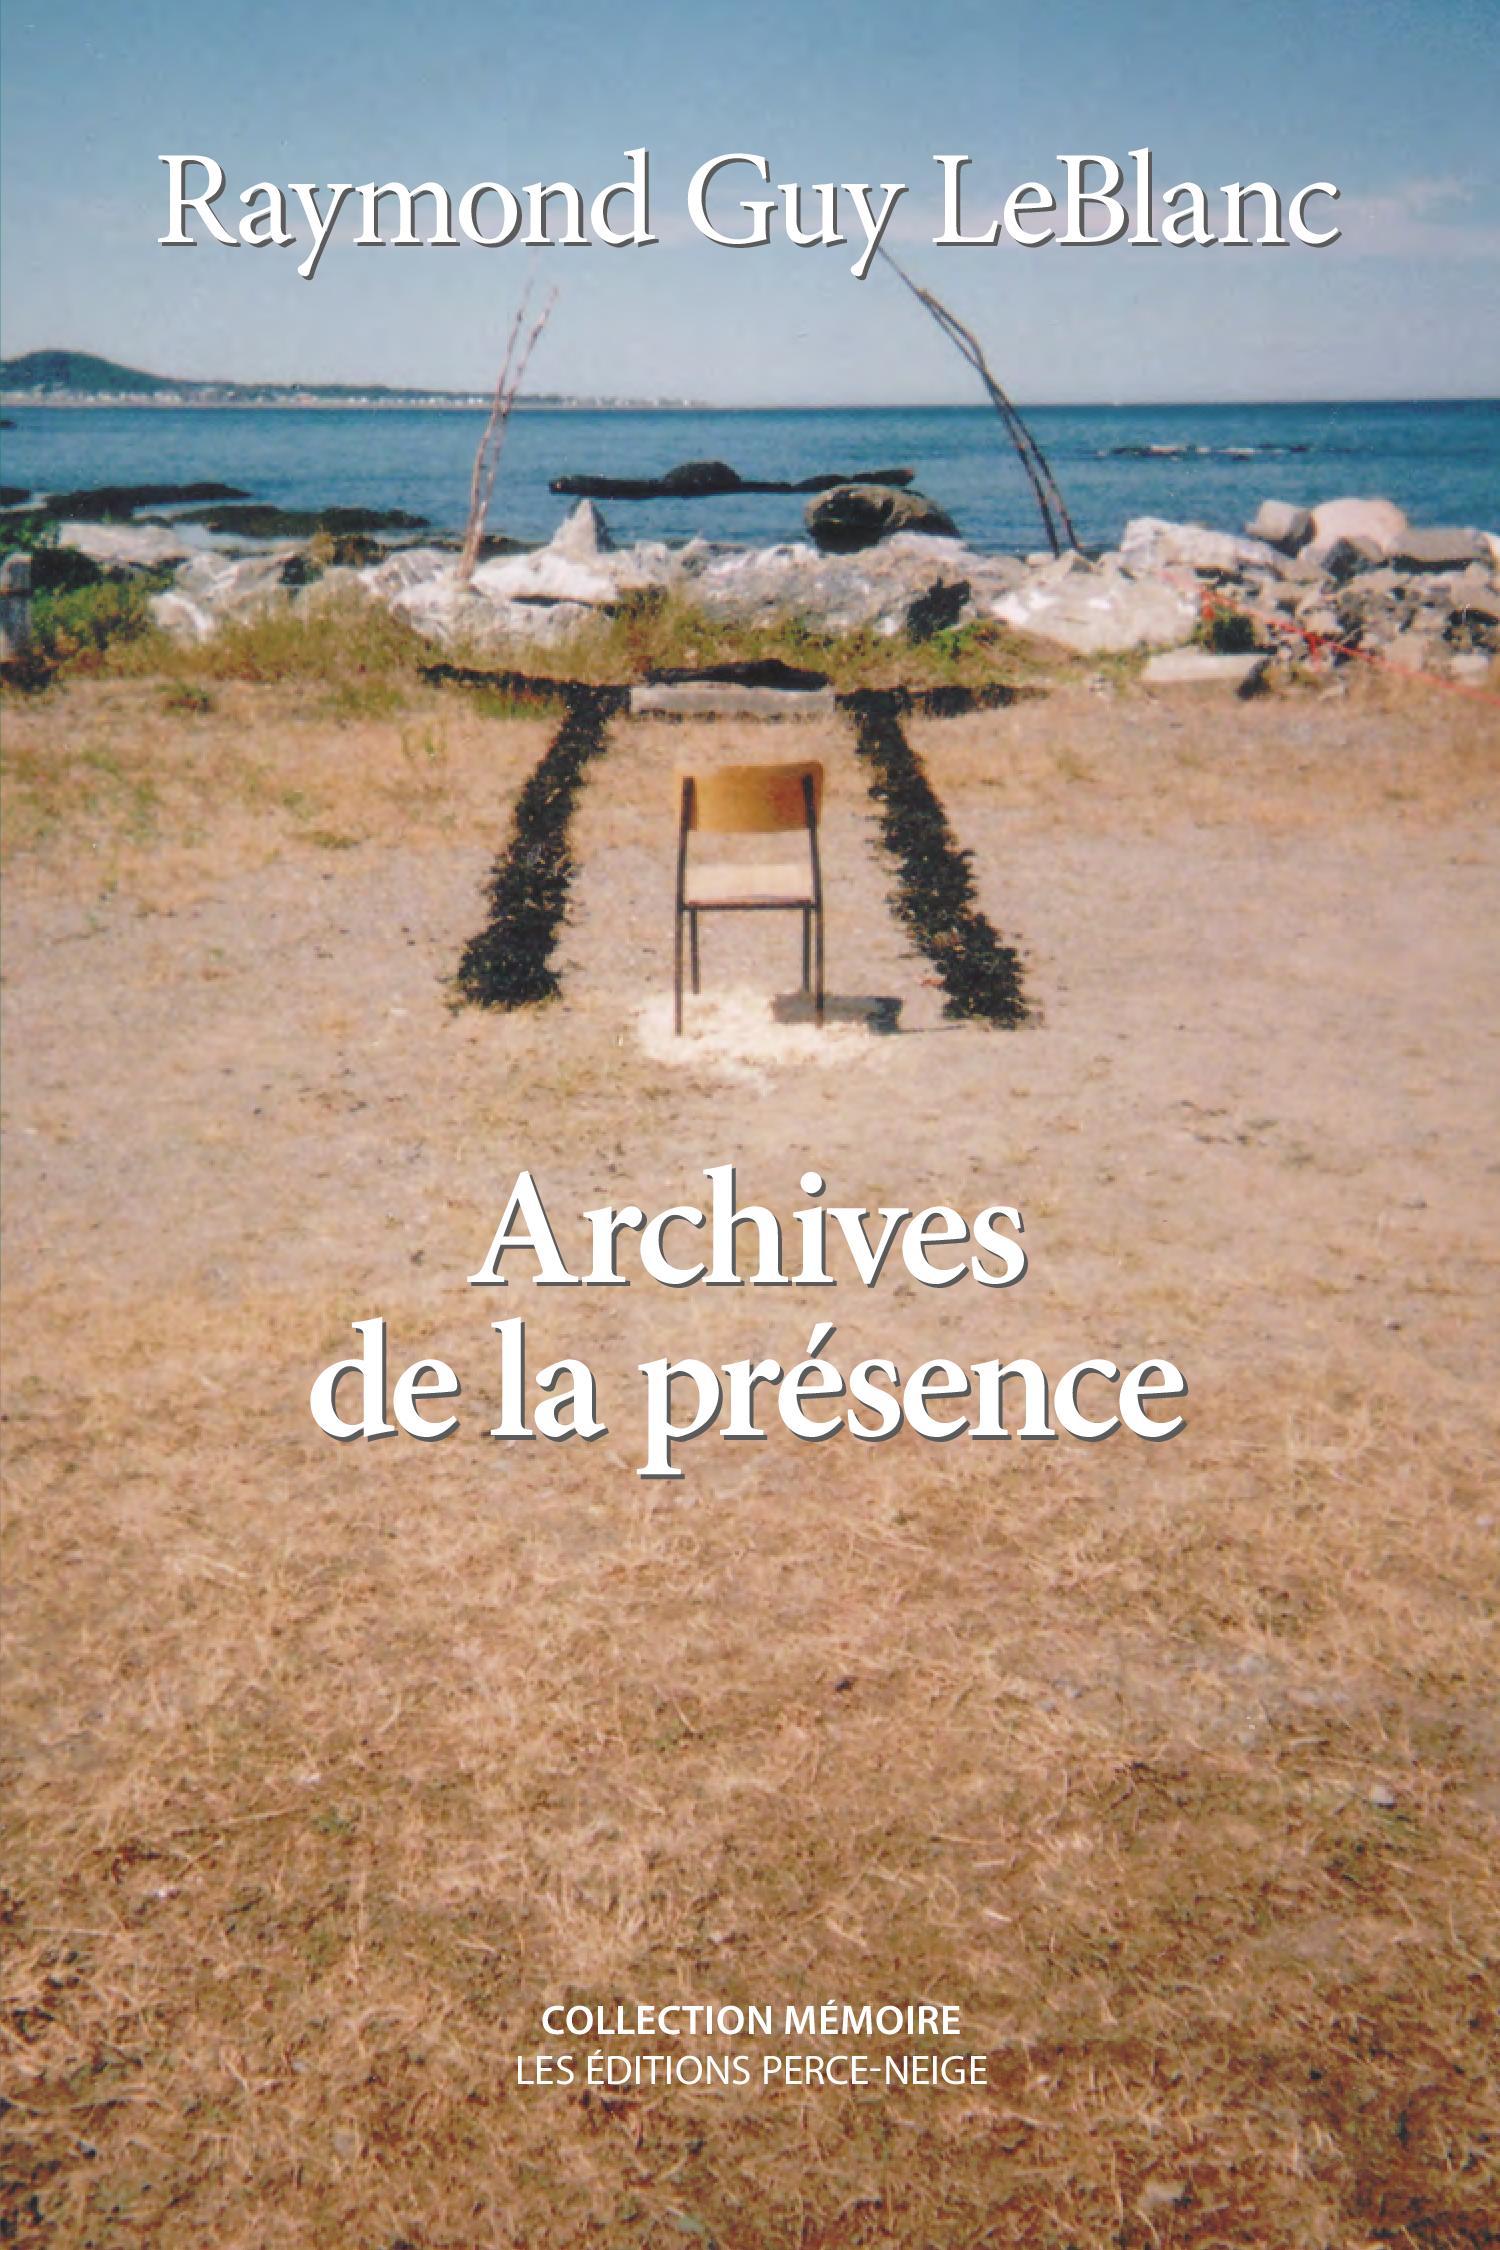 Archives de la présence